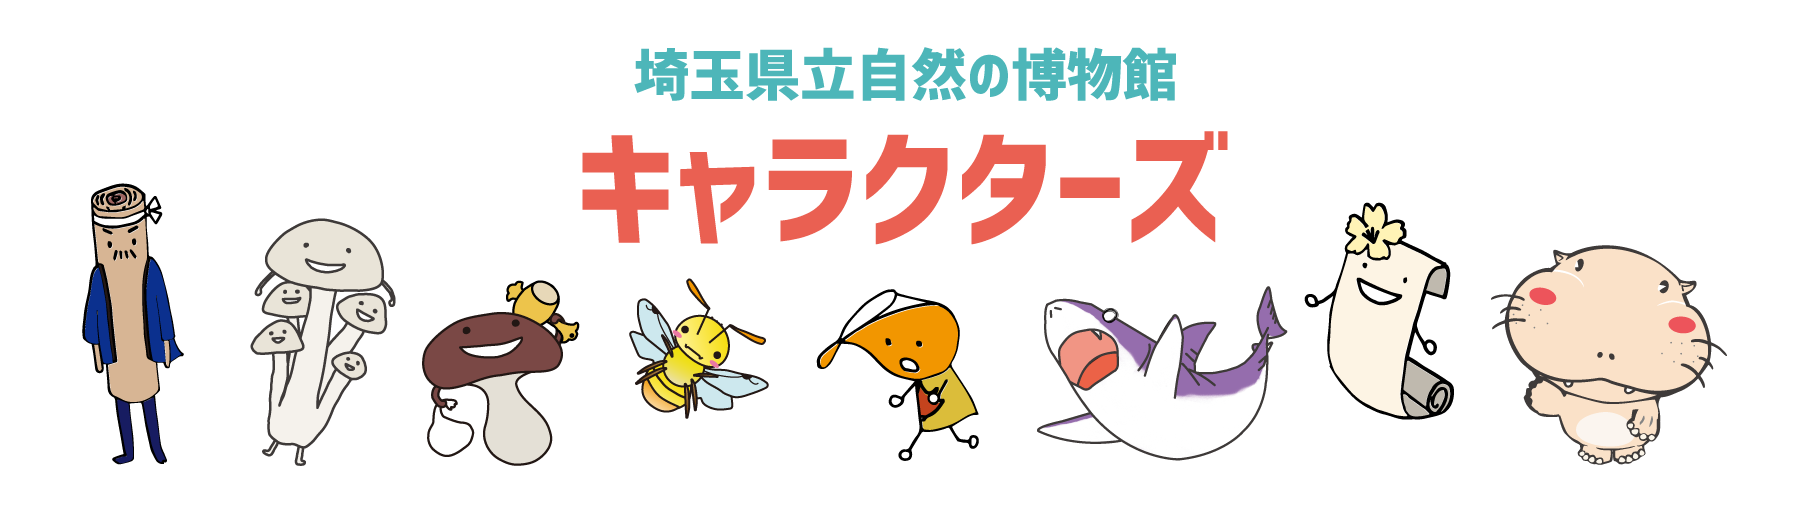 埼玉県立自然の博物館キャラクターズ